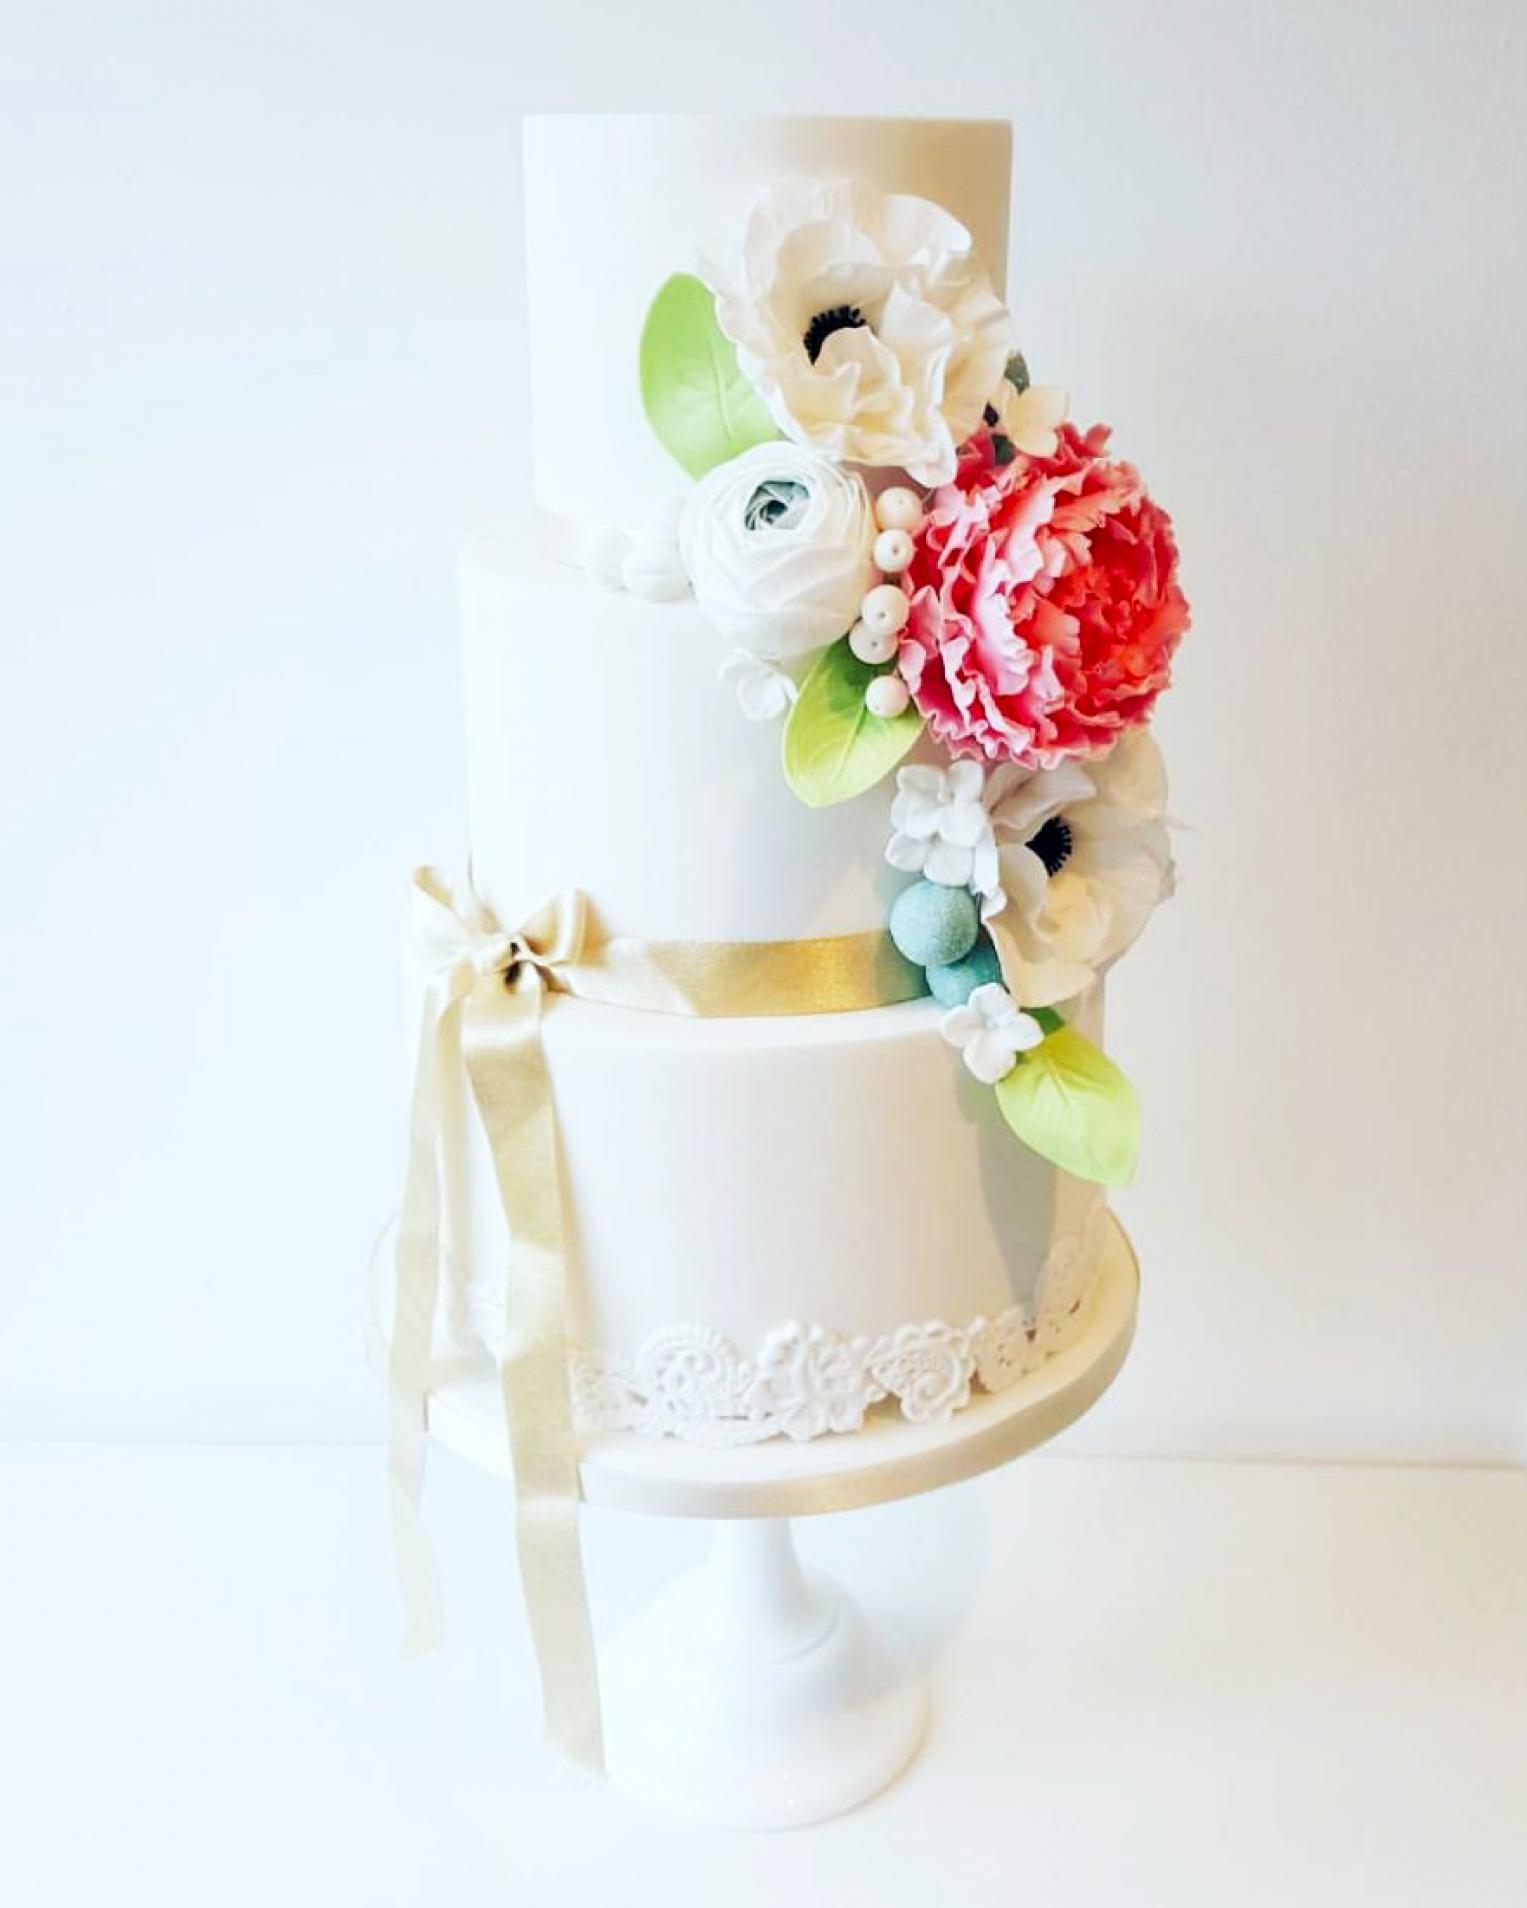 DOTTY ROSE WEDDING CAKE DESIGN FLORAL SUGARCRAFT.png